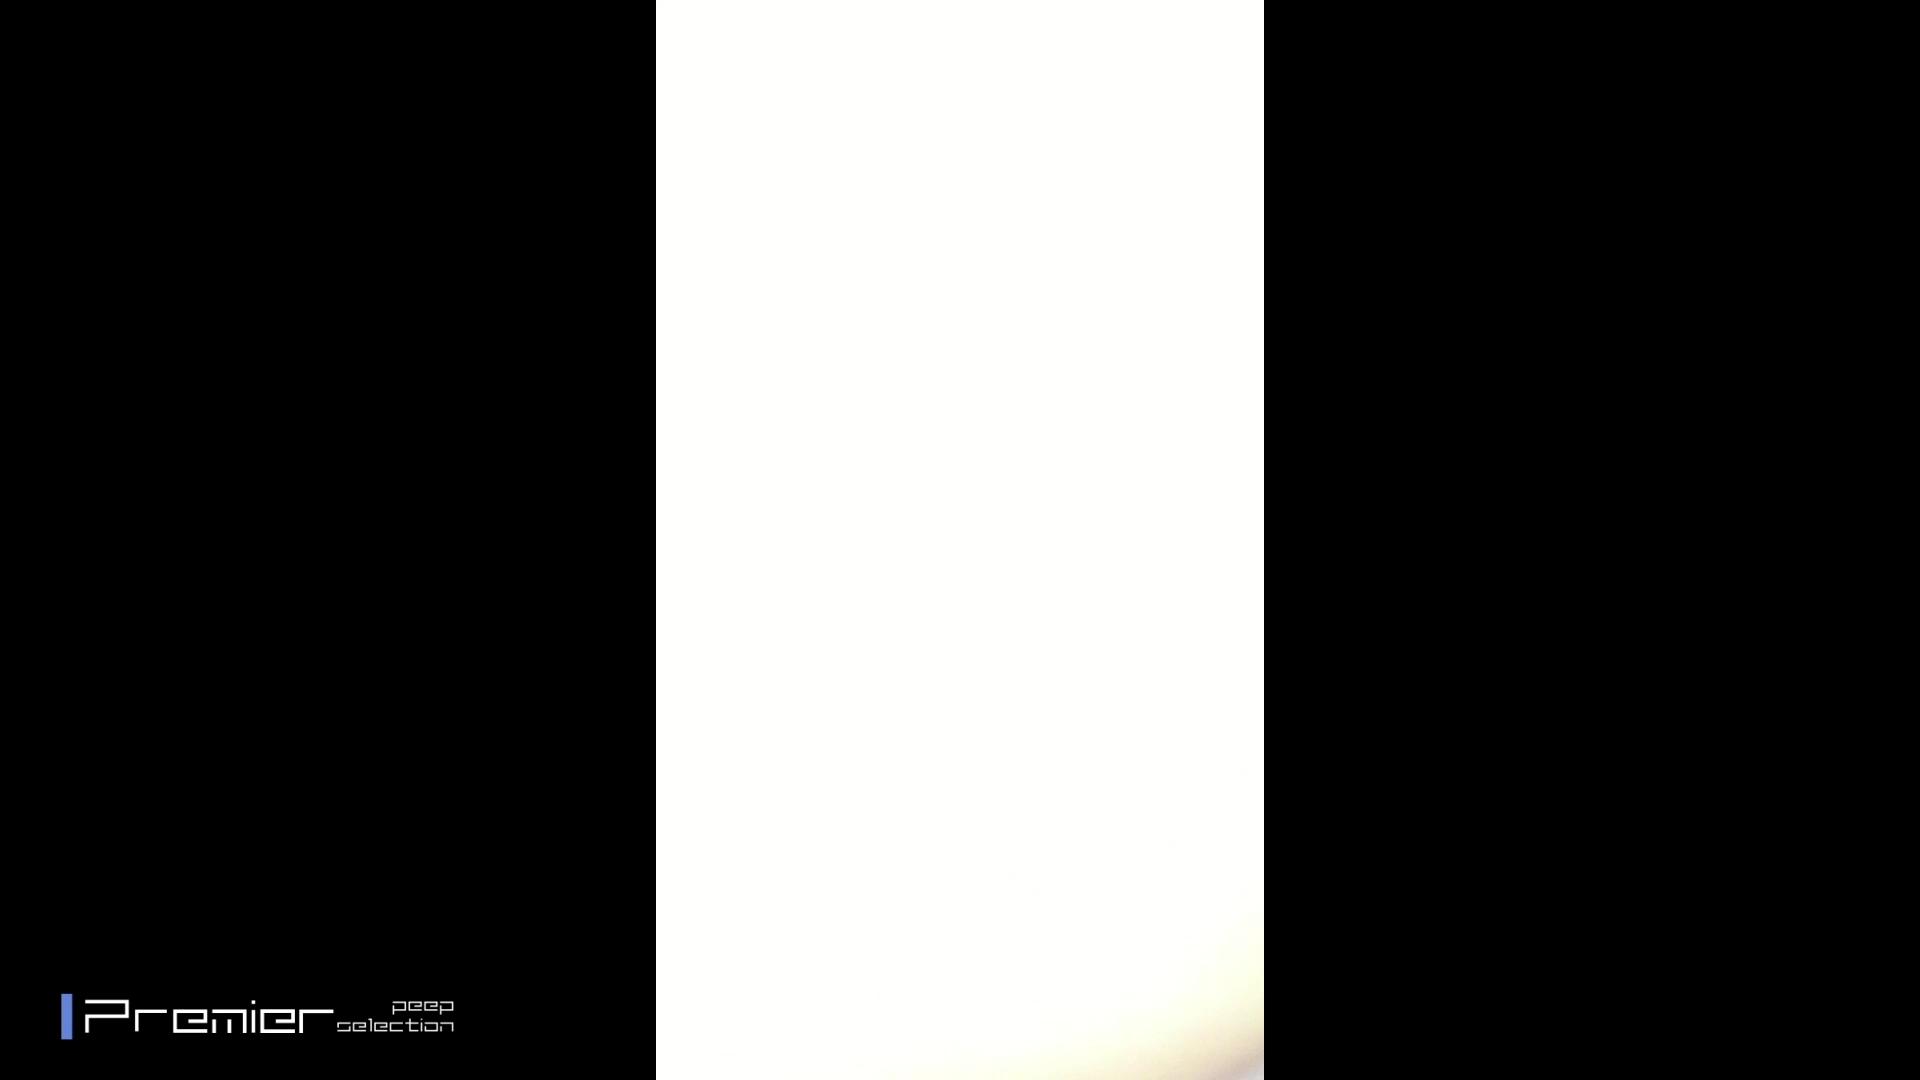 美女達の私生活に潜入!★永久保存版★ガチ交渉!3名の美女に恥ずかしいお願い 潜入  34pic 6